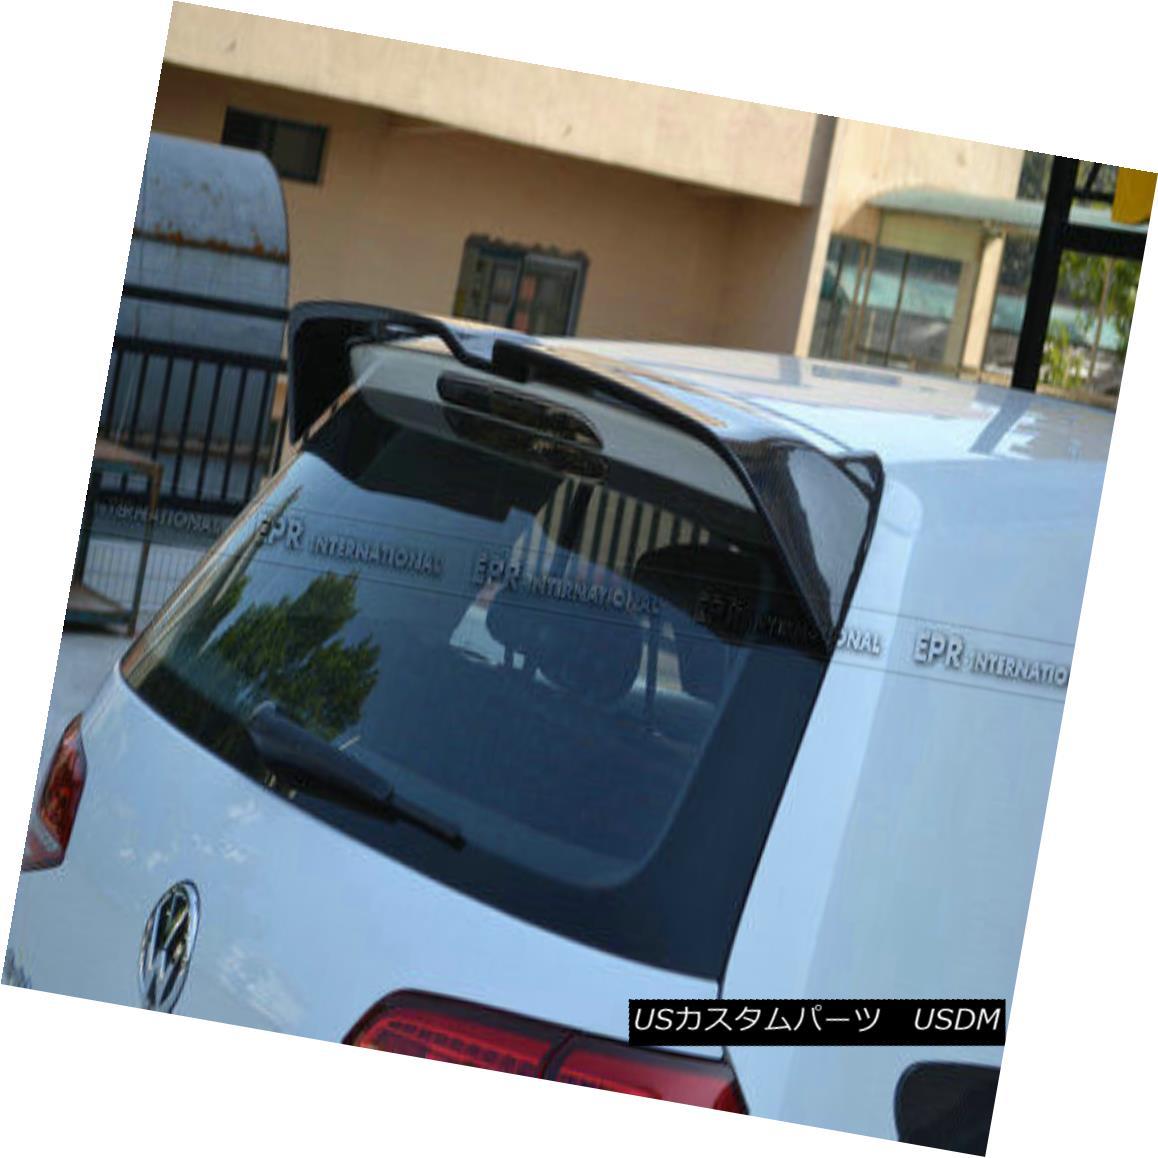 エアロパーツ AER Rear Trunk Spoiler Wing For VOLKSWAGEN VW Golf 7 TSI OET Style Carbon Fiber フォルクスワーゲンVWゴルフ用AERリアトランク・スポイラー・ウィング7 TSI OETスタイル・カーボン・ファイバー